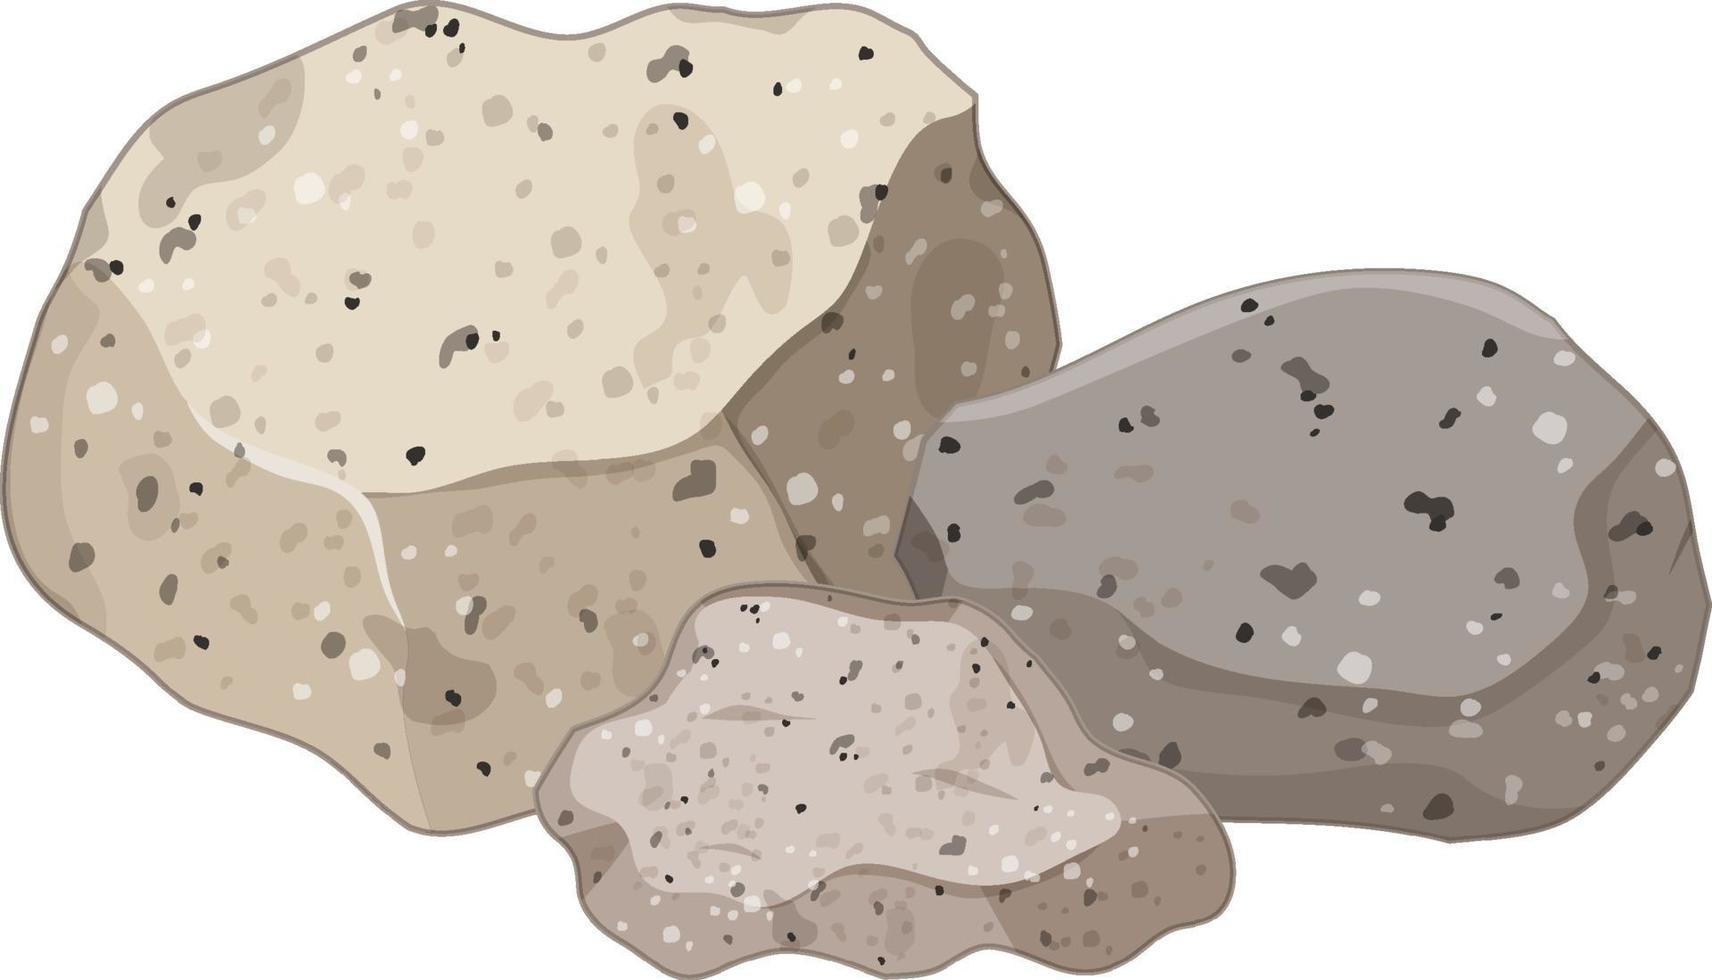 groep granieten stenen op witte achtergrond vector